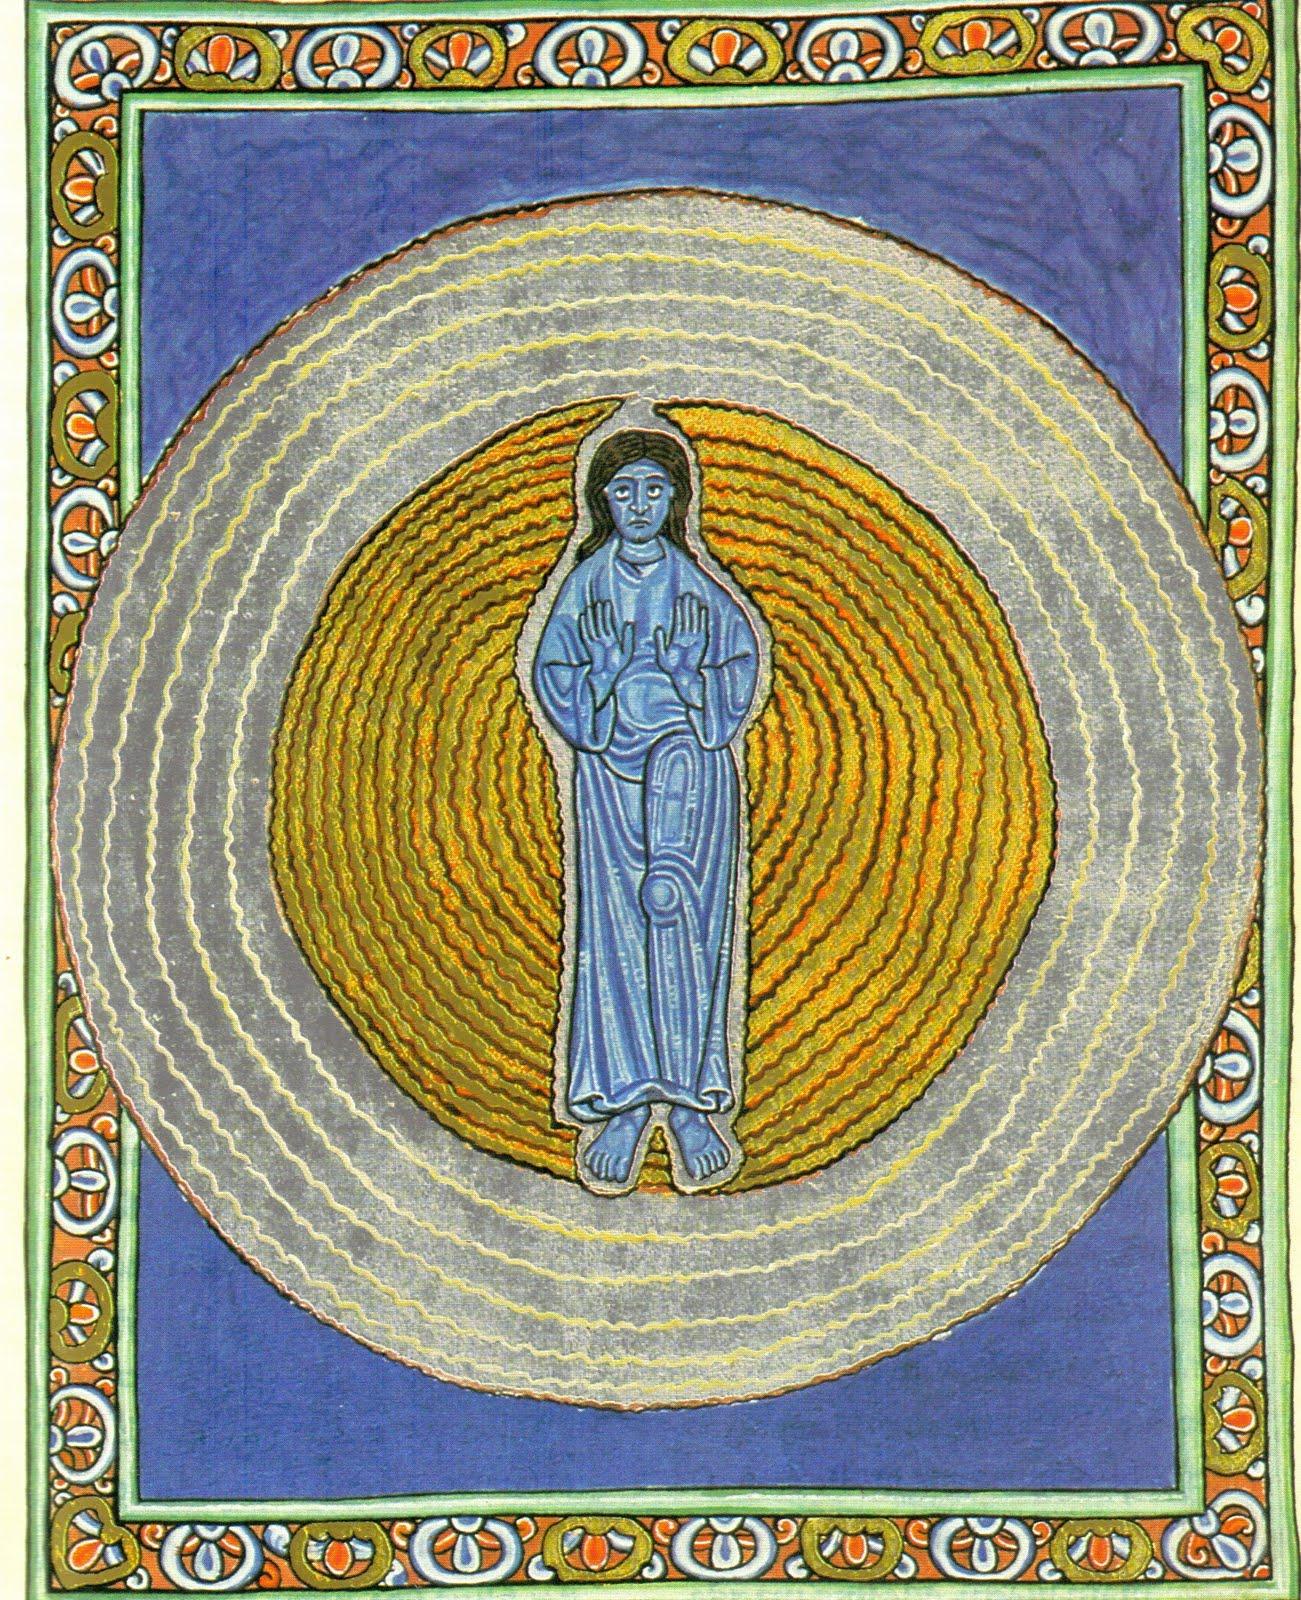 http://3.bp.blogspot.com/_Csf_tOSuvqg/TAJRPGci3vI/AAAAAAAAAwk/fbHt-CC02J4/s1600/Hildegard+Trinity.jpg